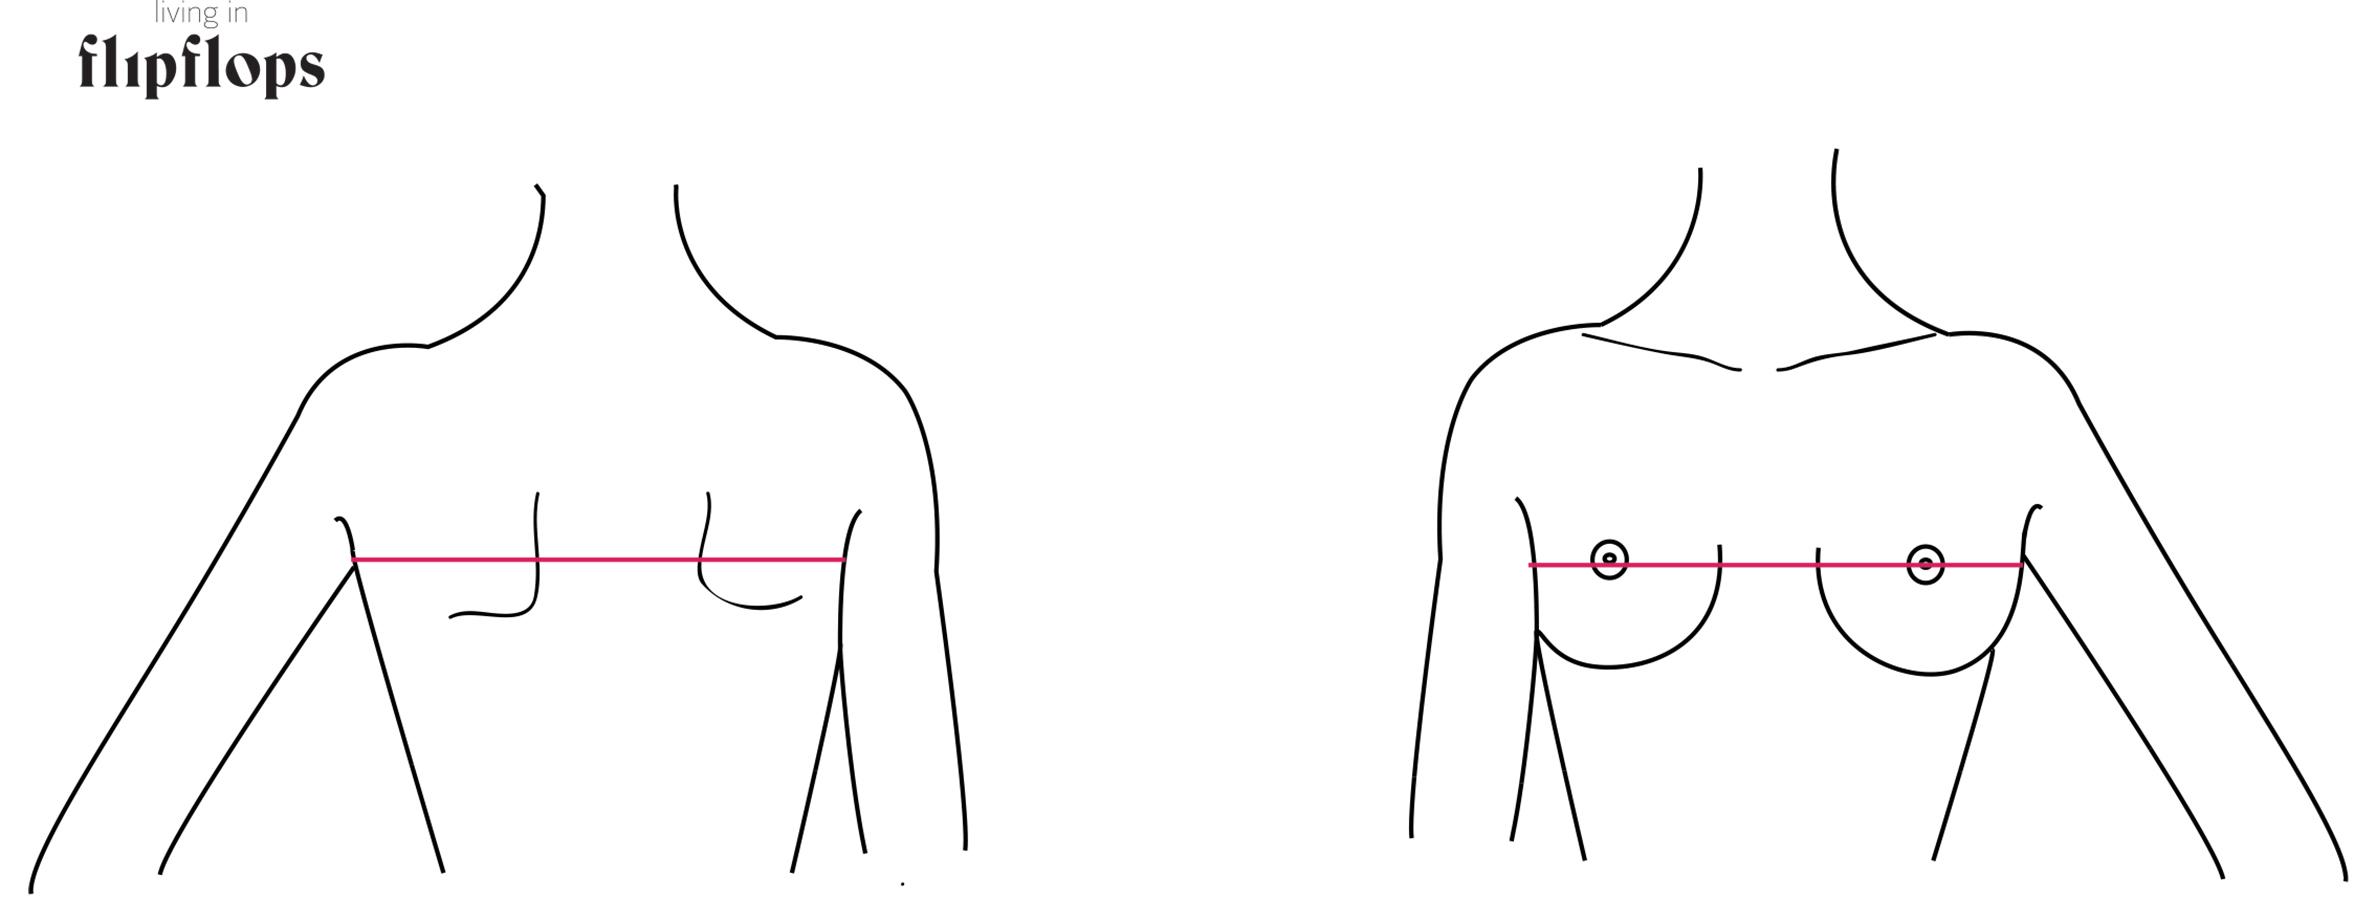 como tomarse medidas para coser y diseñar tu ropa por living in flipflops